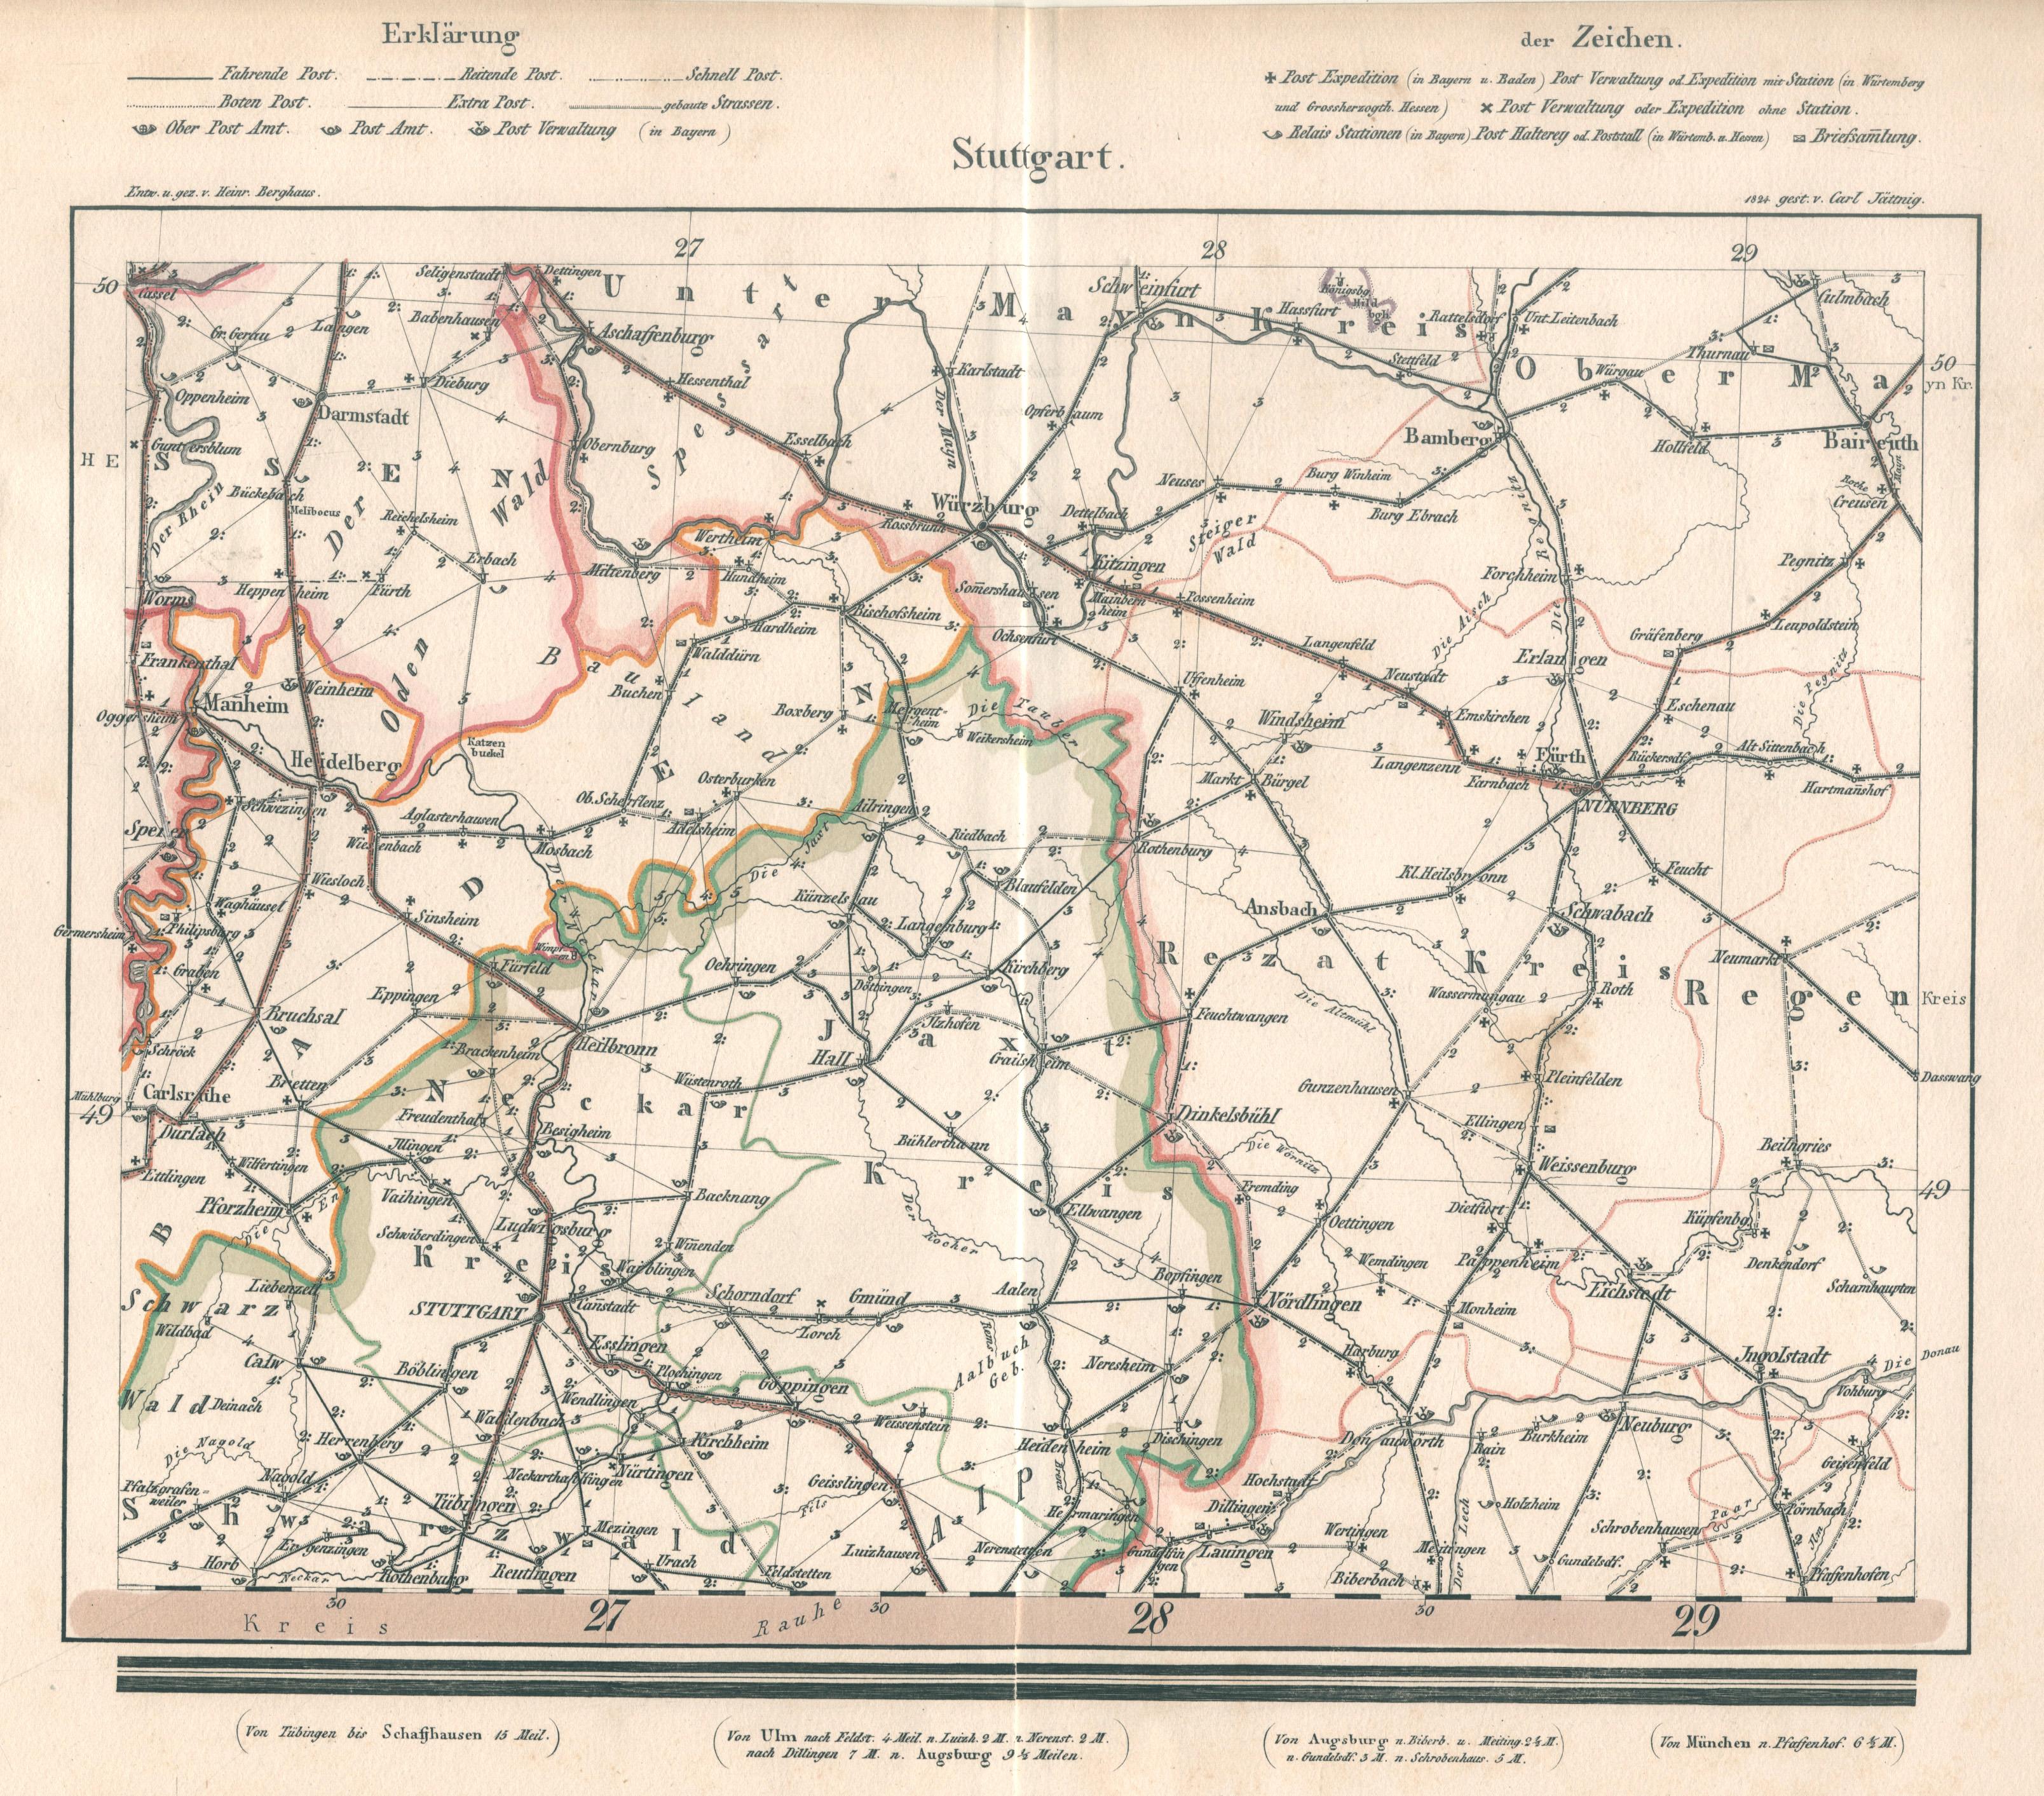 Karte Würzburg Und Umgebung.Stuttgart Karte Karte Zvab